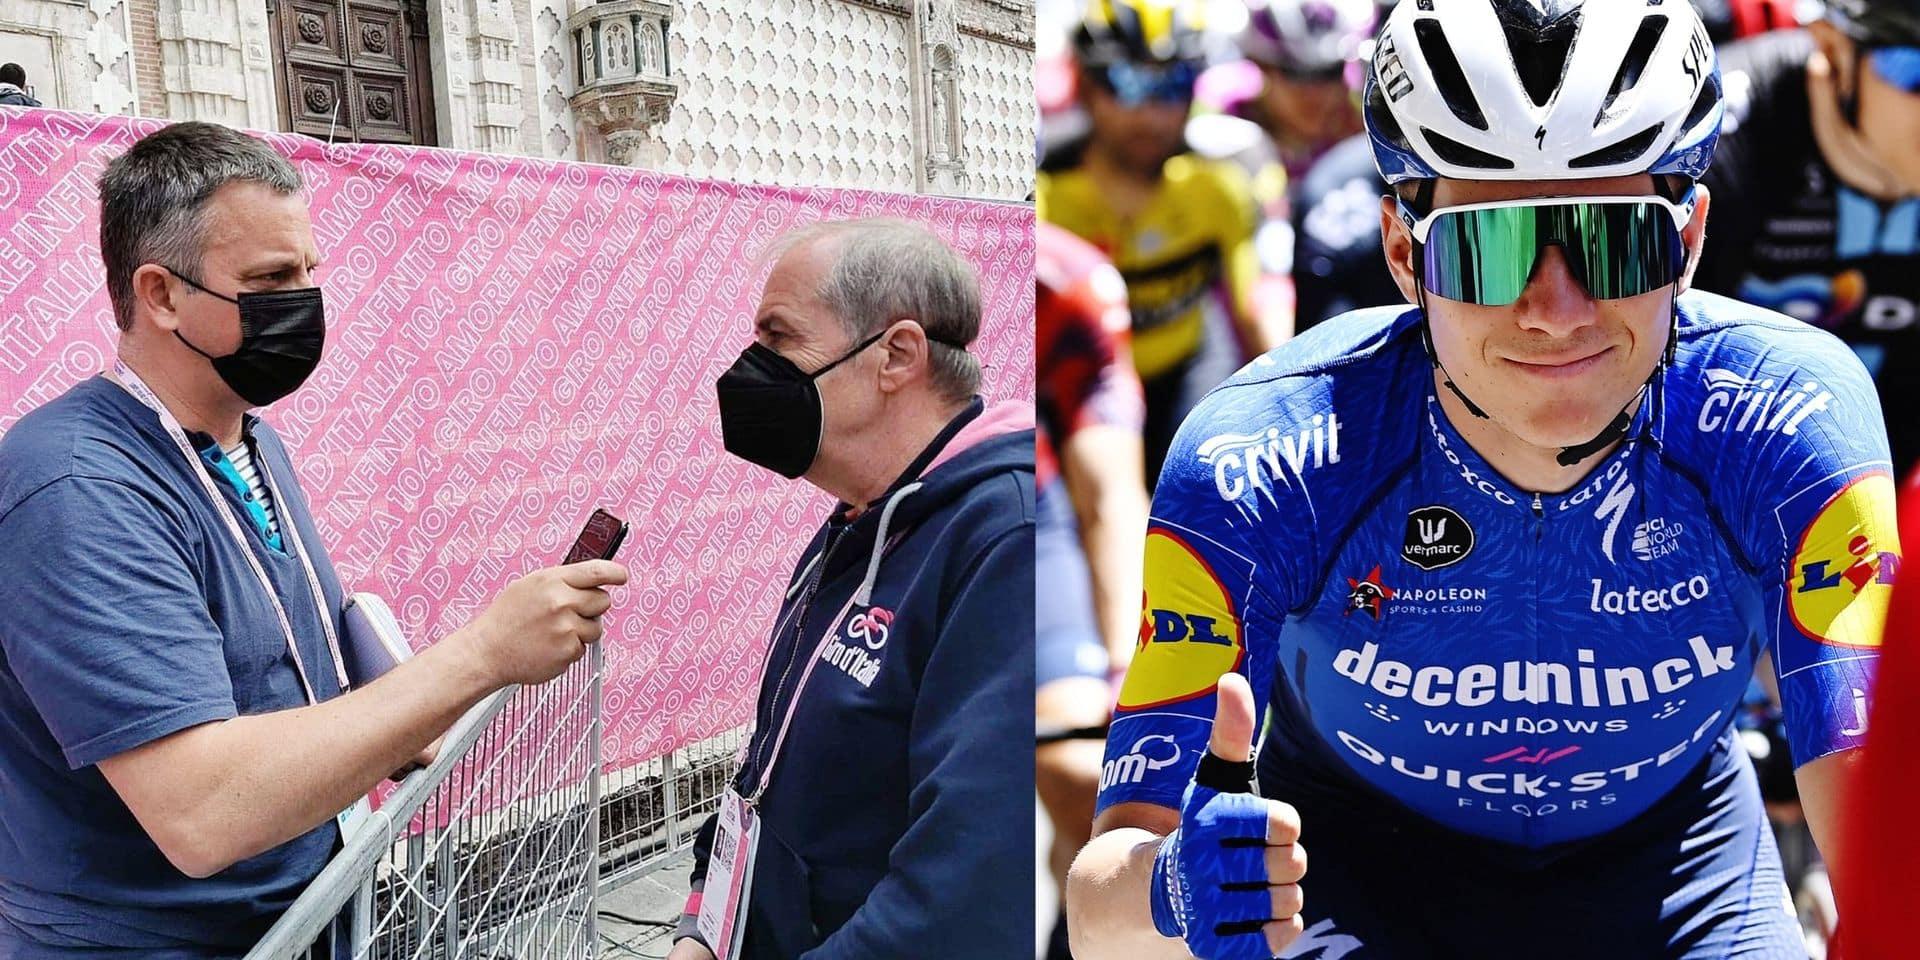 """Mauro Vegni, le patron du Giro, est lui aussi sous le charme de Remco: """"Evenepoel fait du bien au vélo"""""""